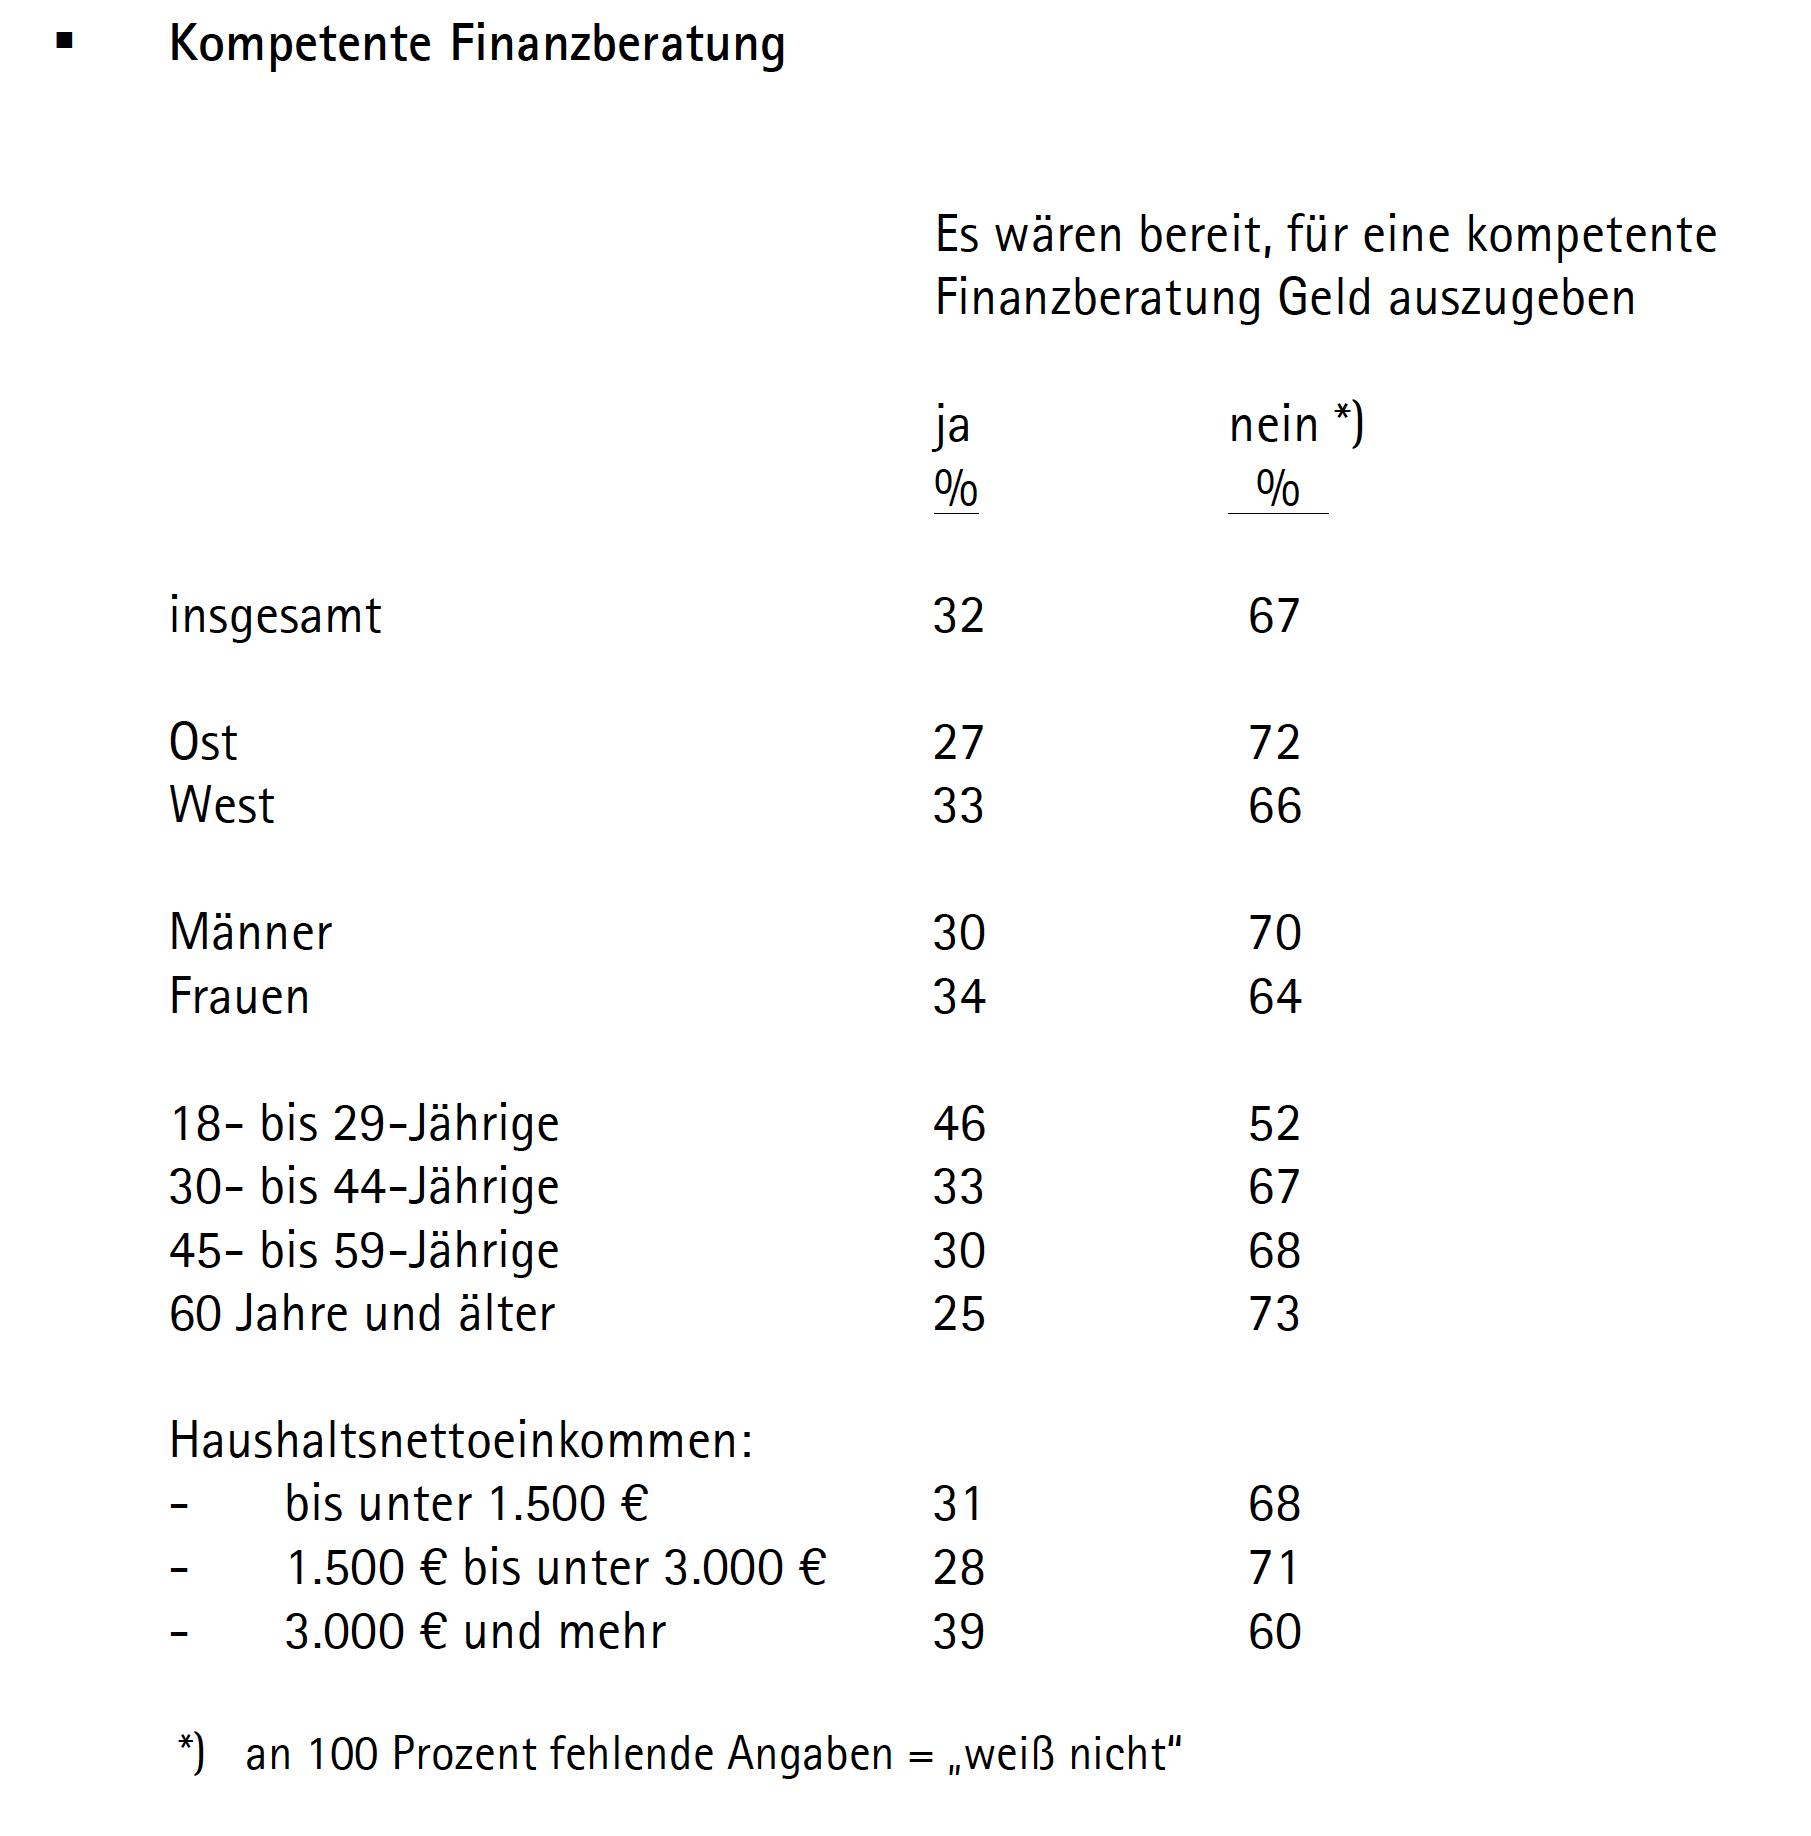 Honorarberatung Finanzberatung Skandia in Umfrage: Die meisten Deutschen wollen nicht für Finanzberatung zahlen